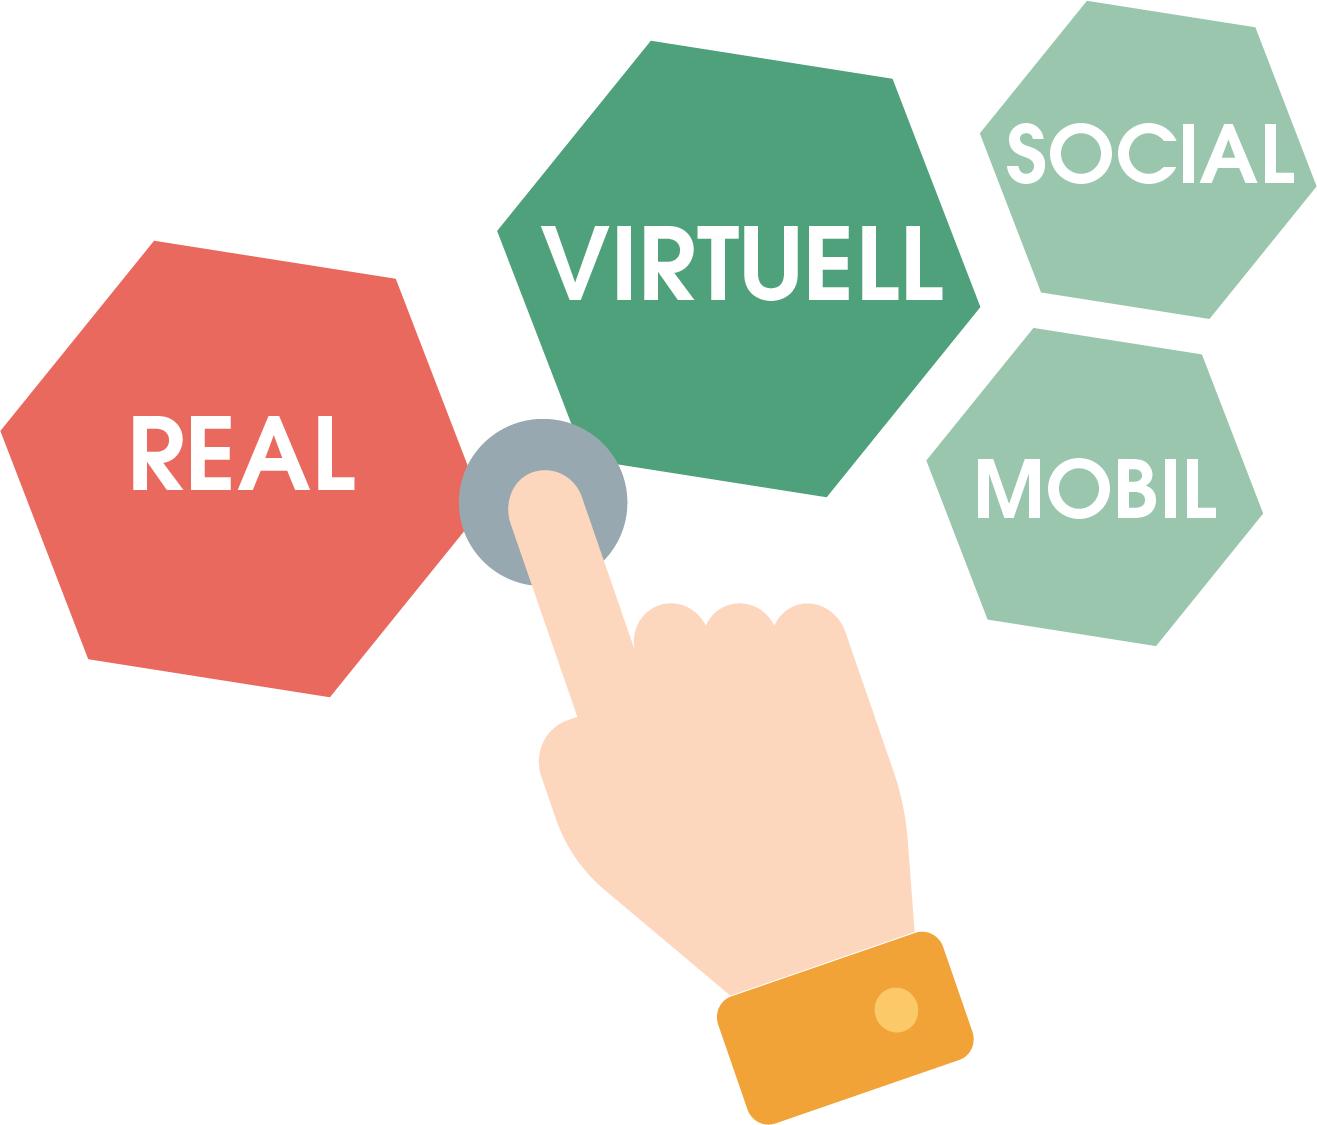 Touchpoints können den Konsumenten auf unterschiedlichste Weise und an unterschiedlichsten Orten begegnen. Dazu gehören sowohl die reale als auch die virtuelle Welt